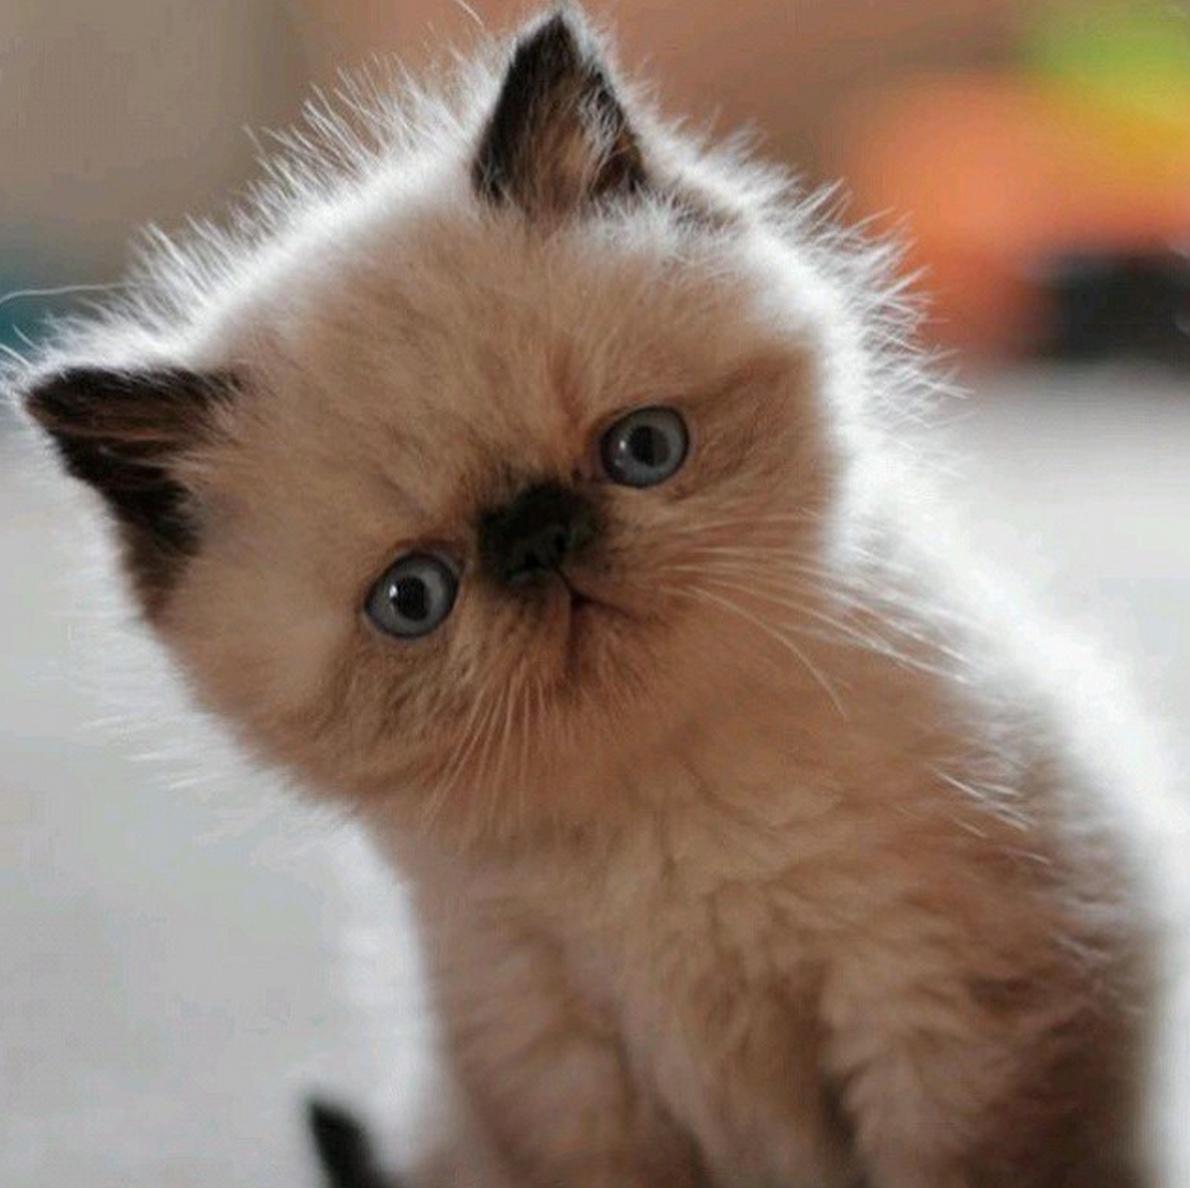 I iz cute !!